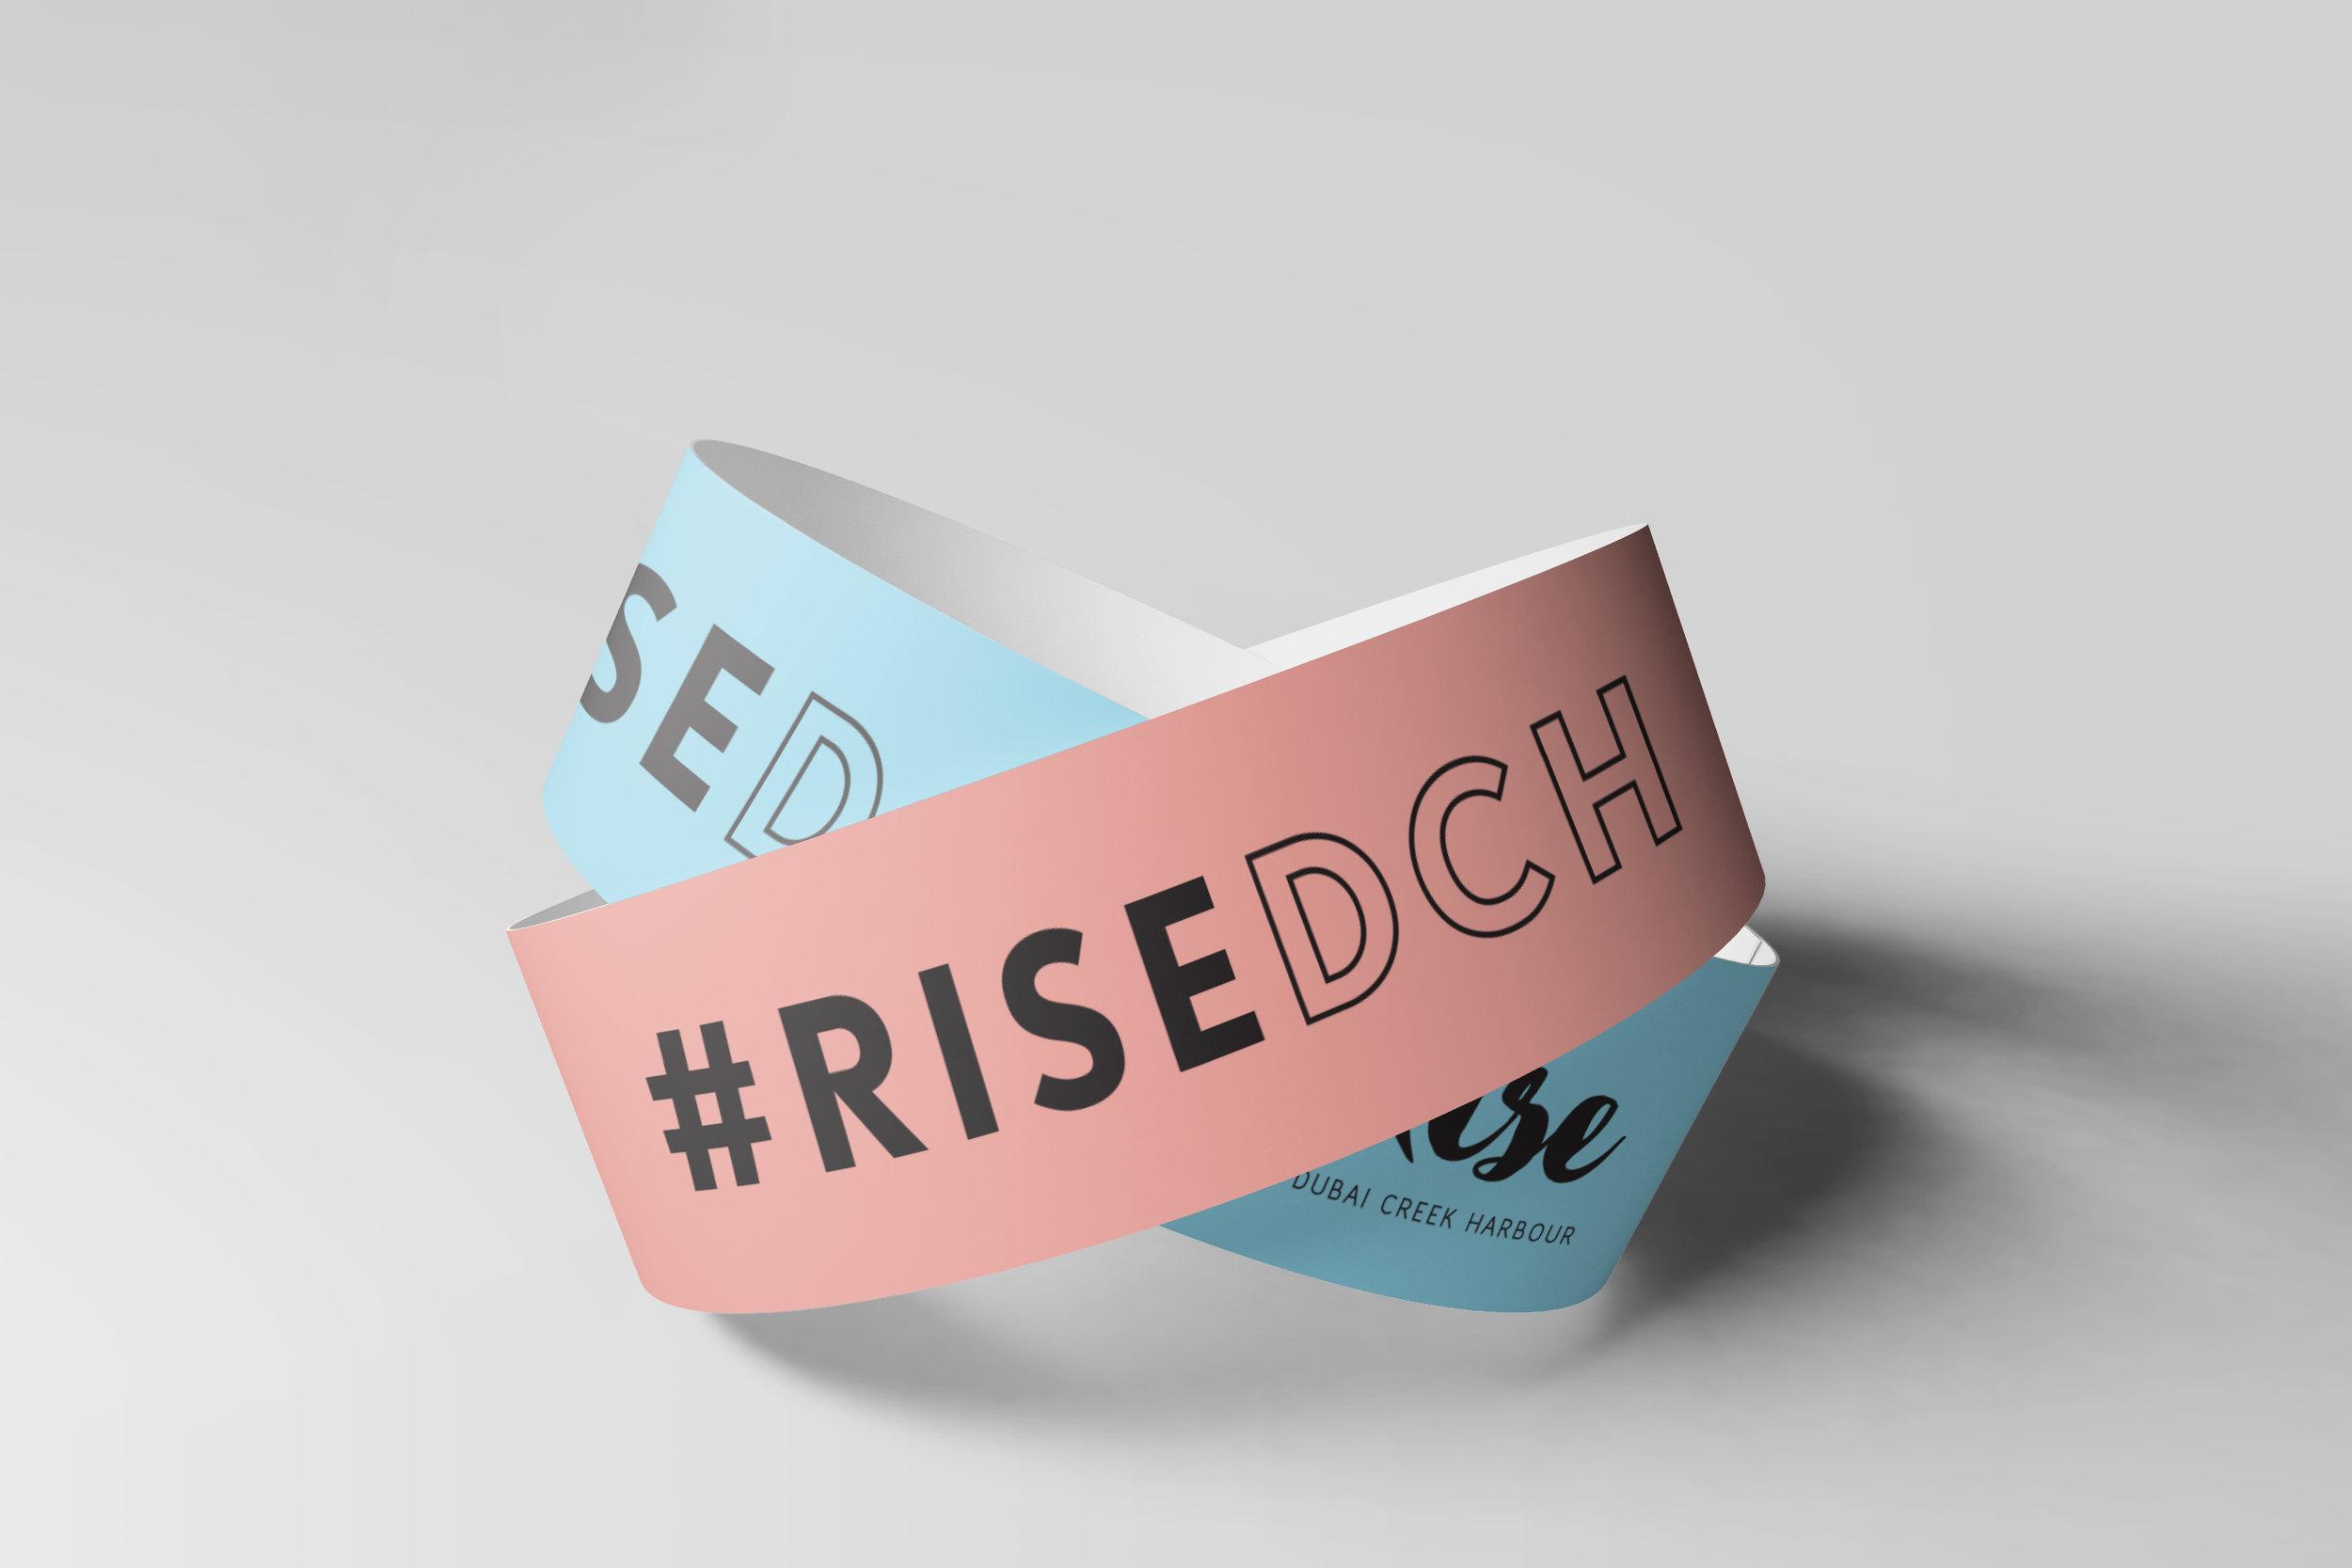 Rise_Wristband.jpg